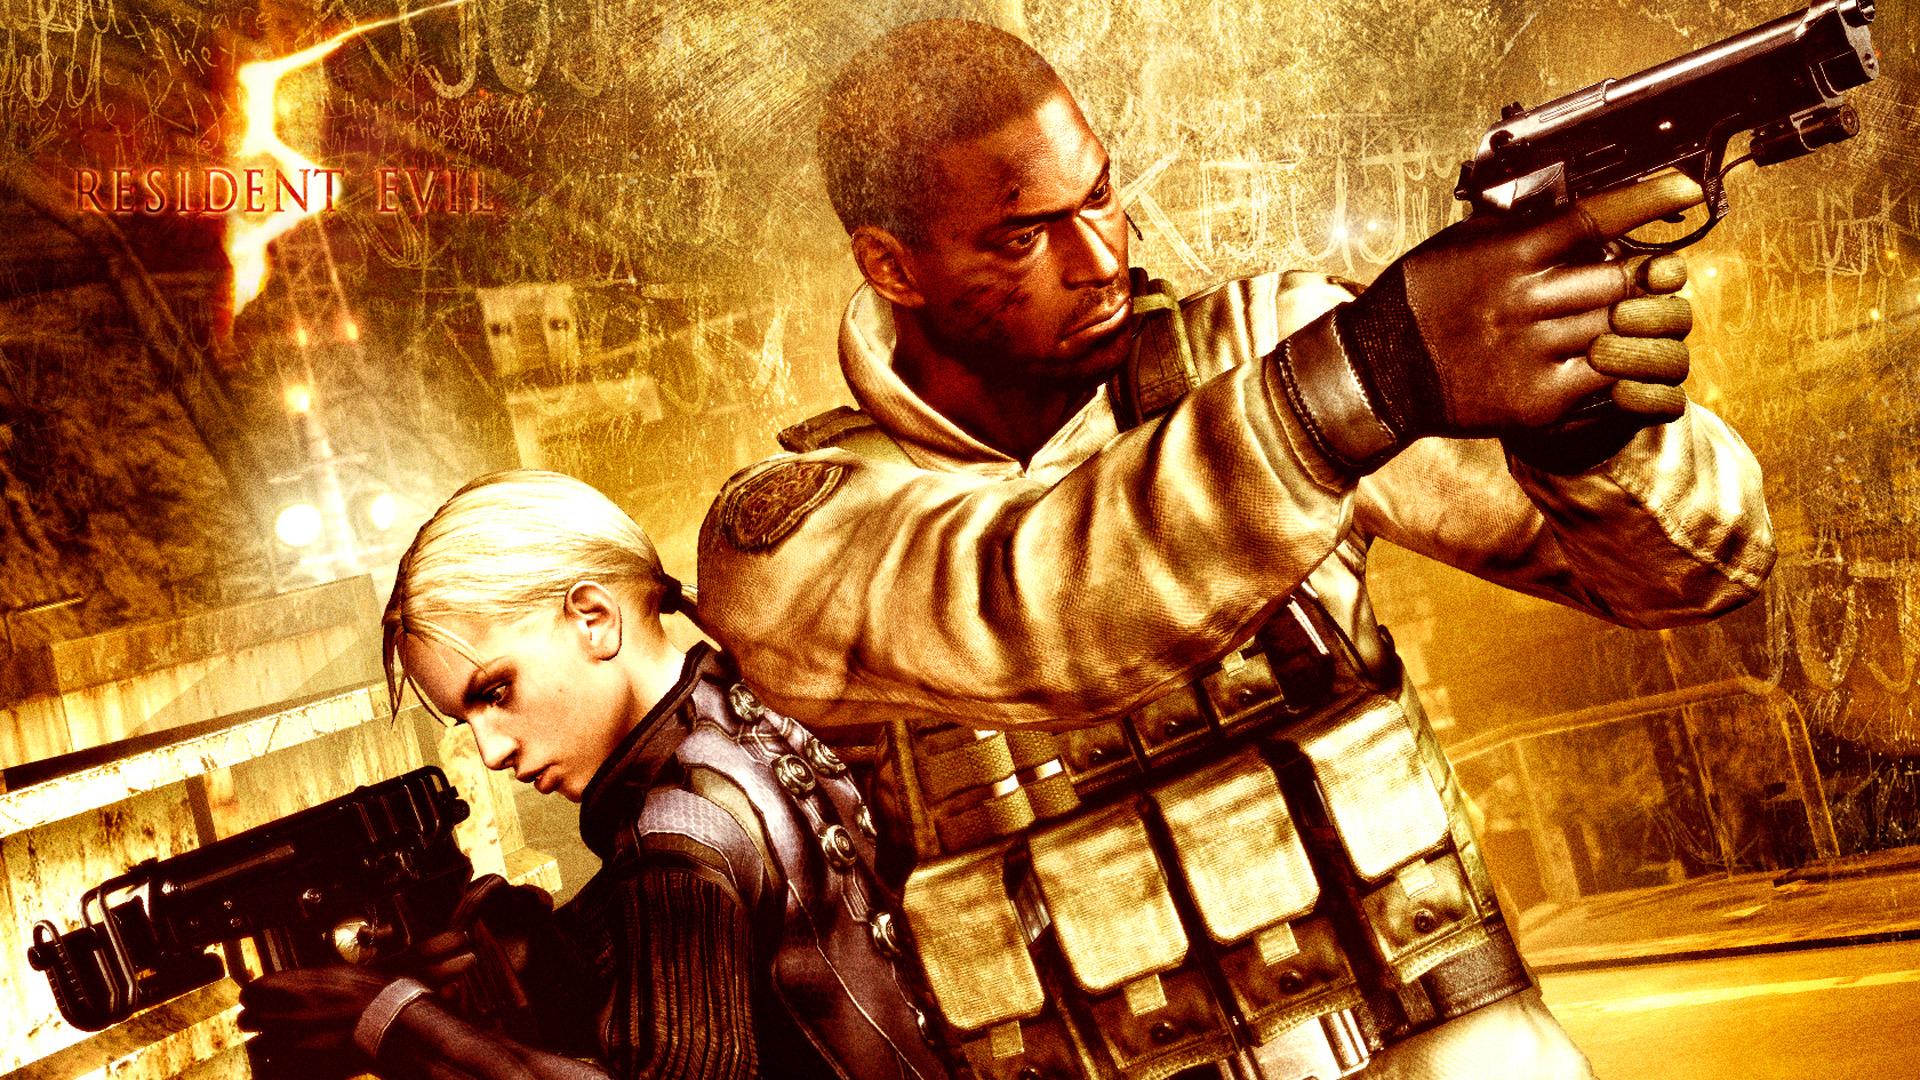 Free Resident Evil 5 Wallpaper in 1920x1080